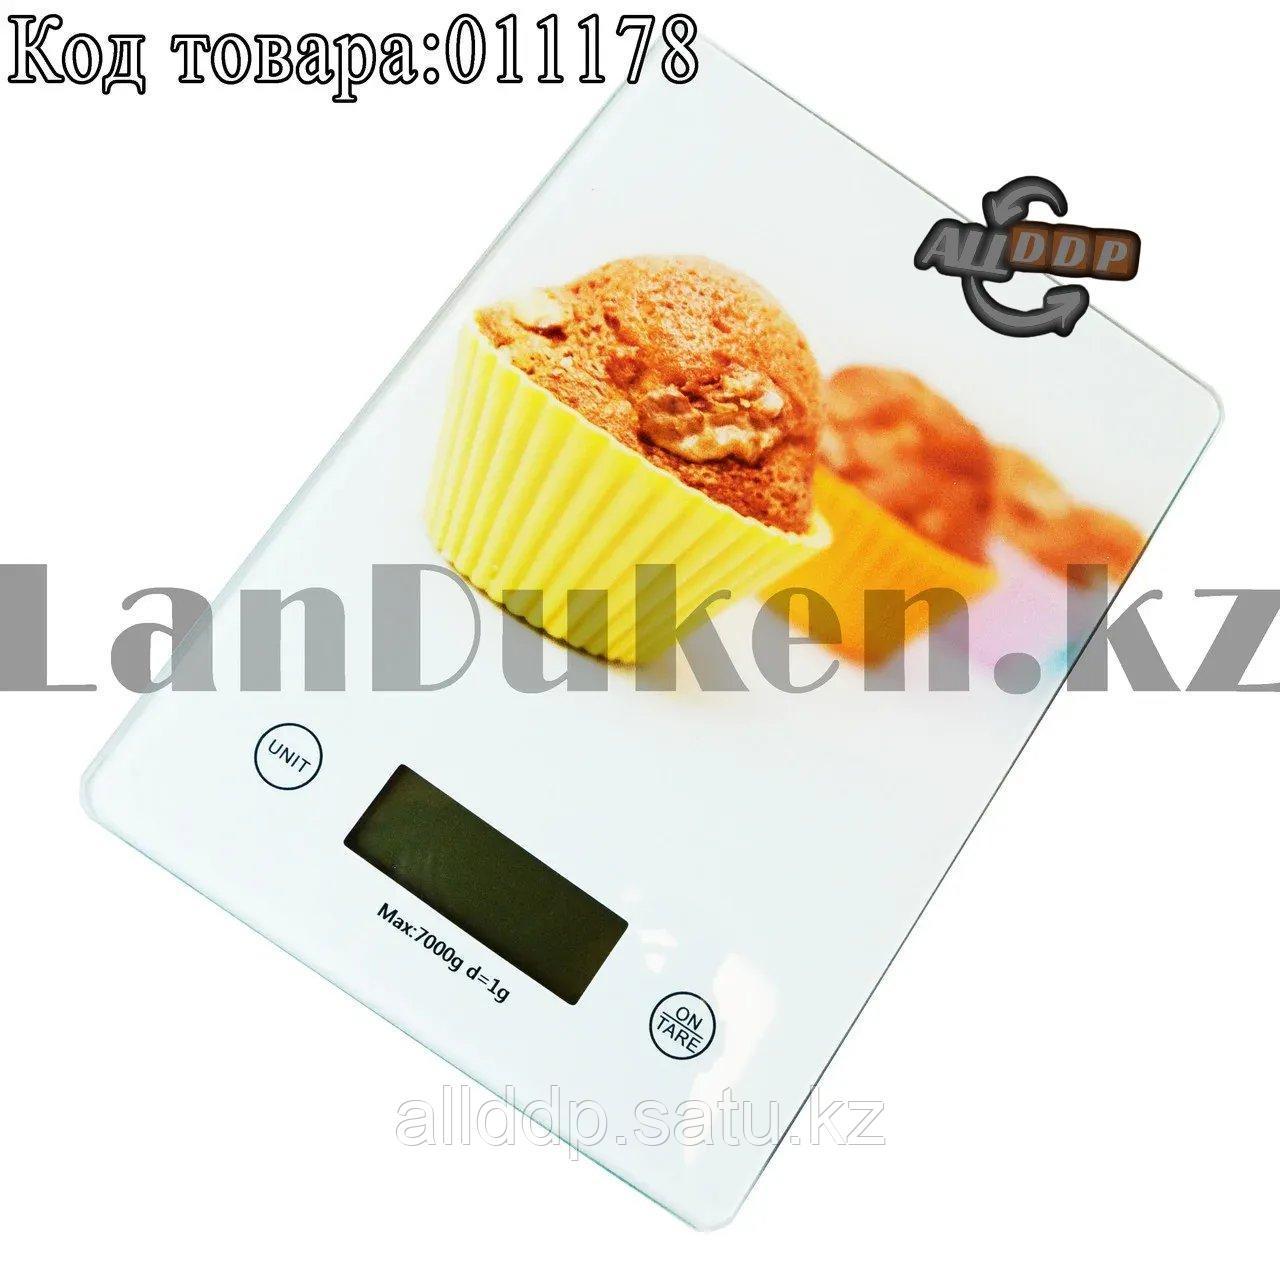 Кухонные электронные весы QR331 c рисунком пирожных